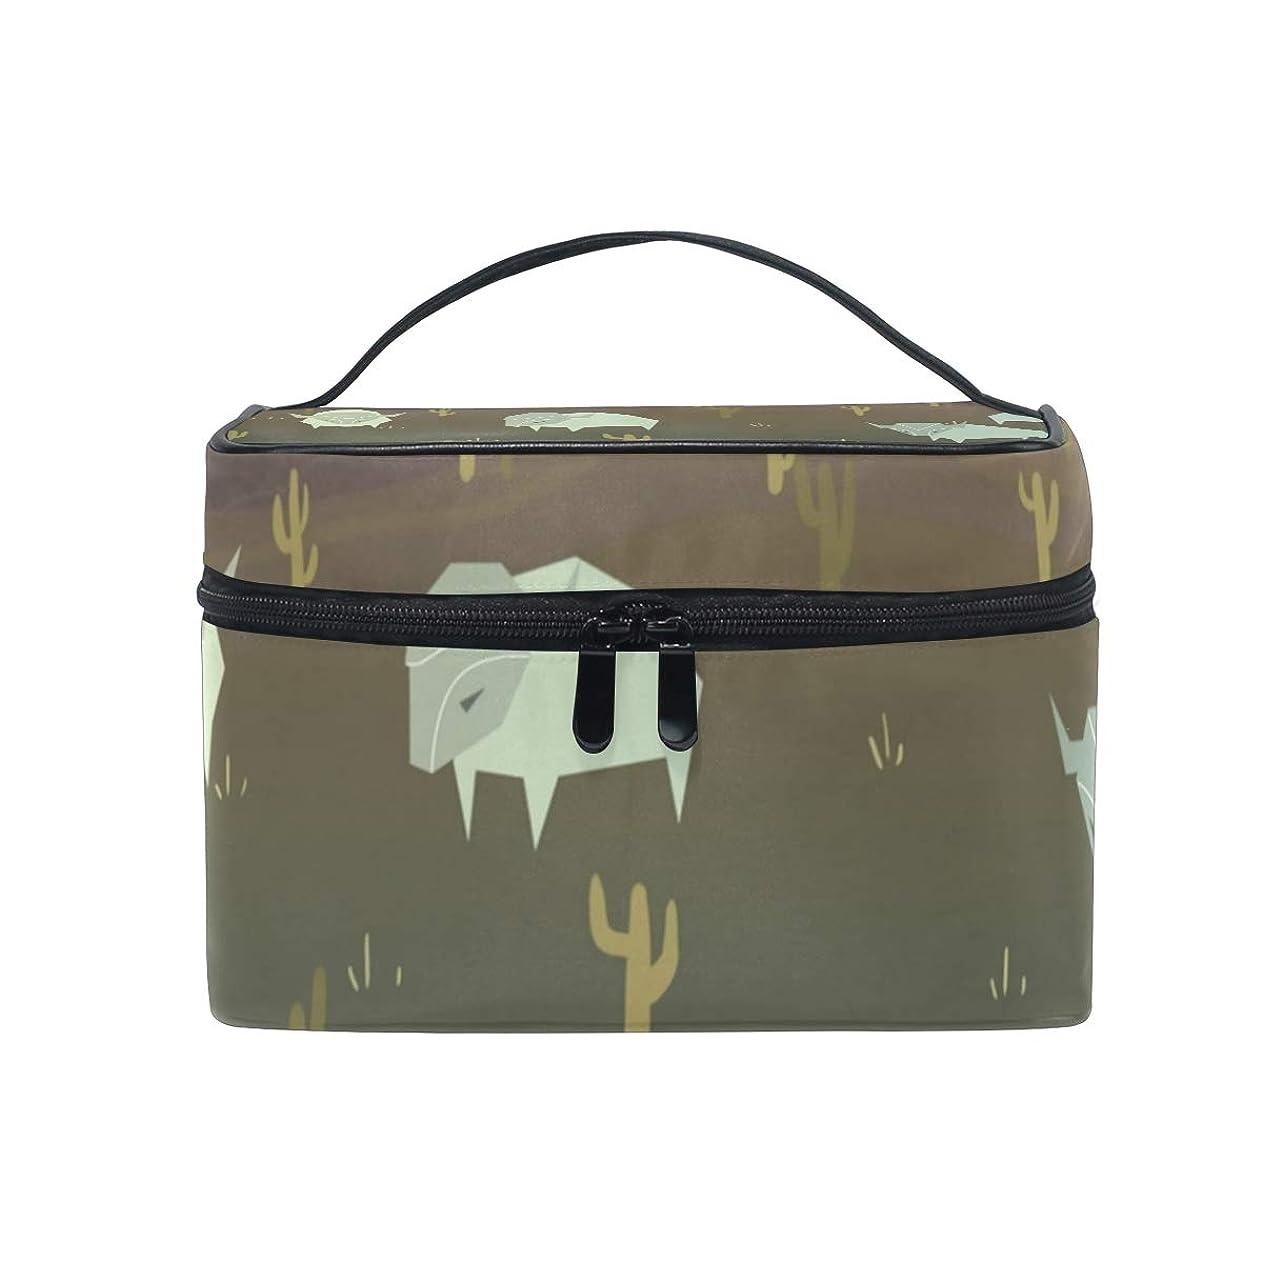 製造兄支援するメイクボックス 野牛柄 化粧ポーチ 化粧品 化粧道具 小物入れ メイクブラシバッグ 大容量 旅行用 収納ケース